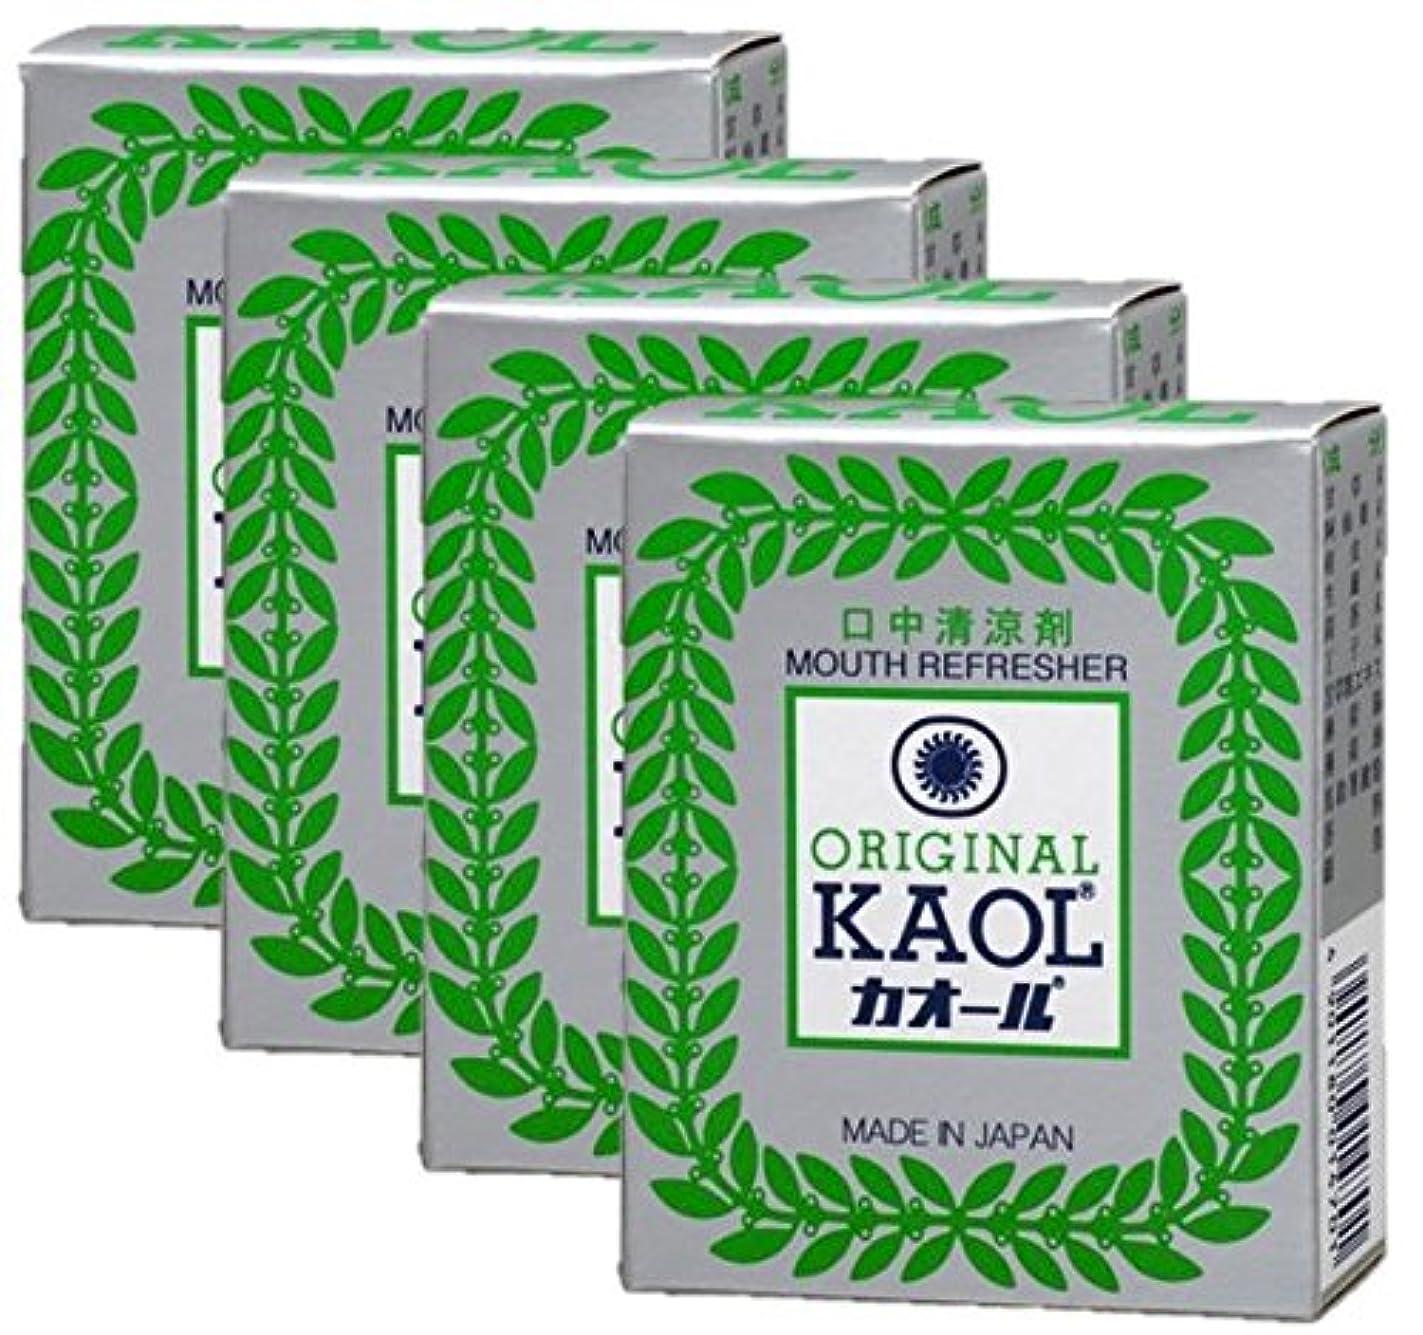 後転送不規則な口中清涼剤 オリヂナル カオール 14.5g×4個セット